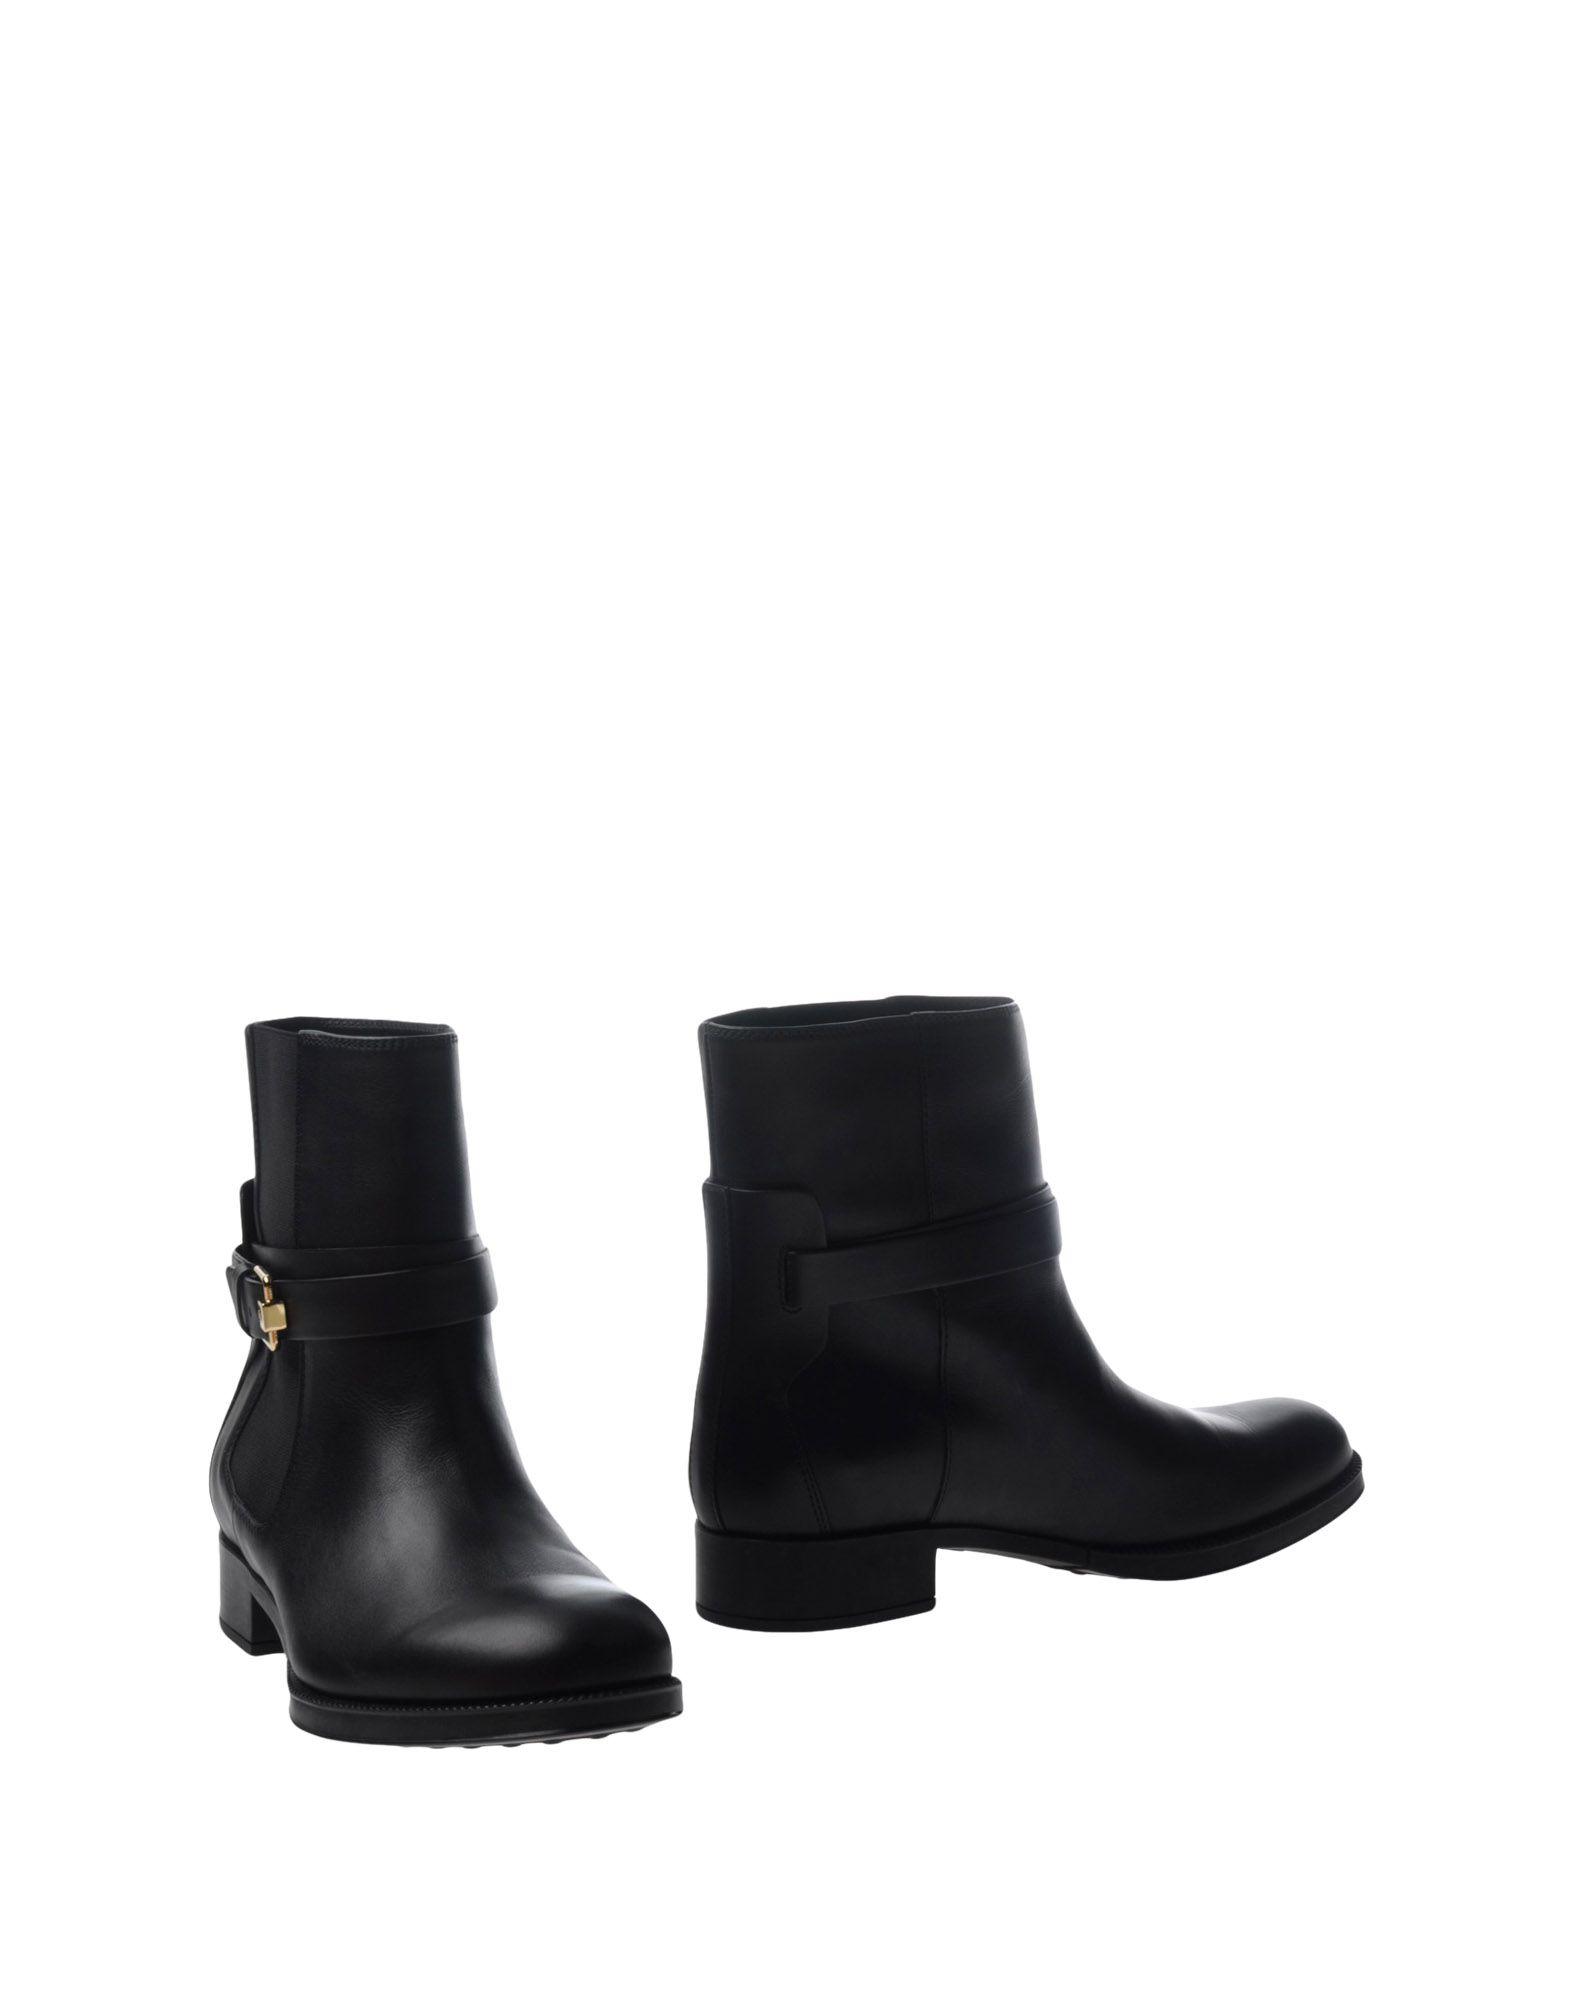 Tod's Stiefelette Damen gut  11280228SJGünstige gut Damen aussehende Schuhe 8041f9